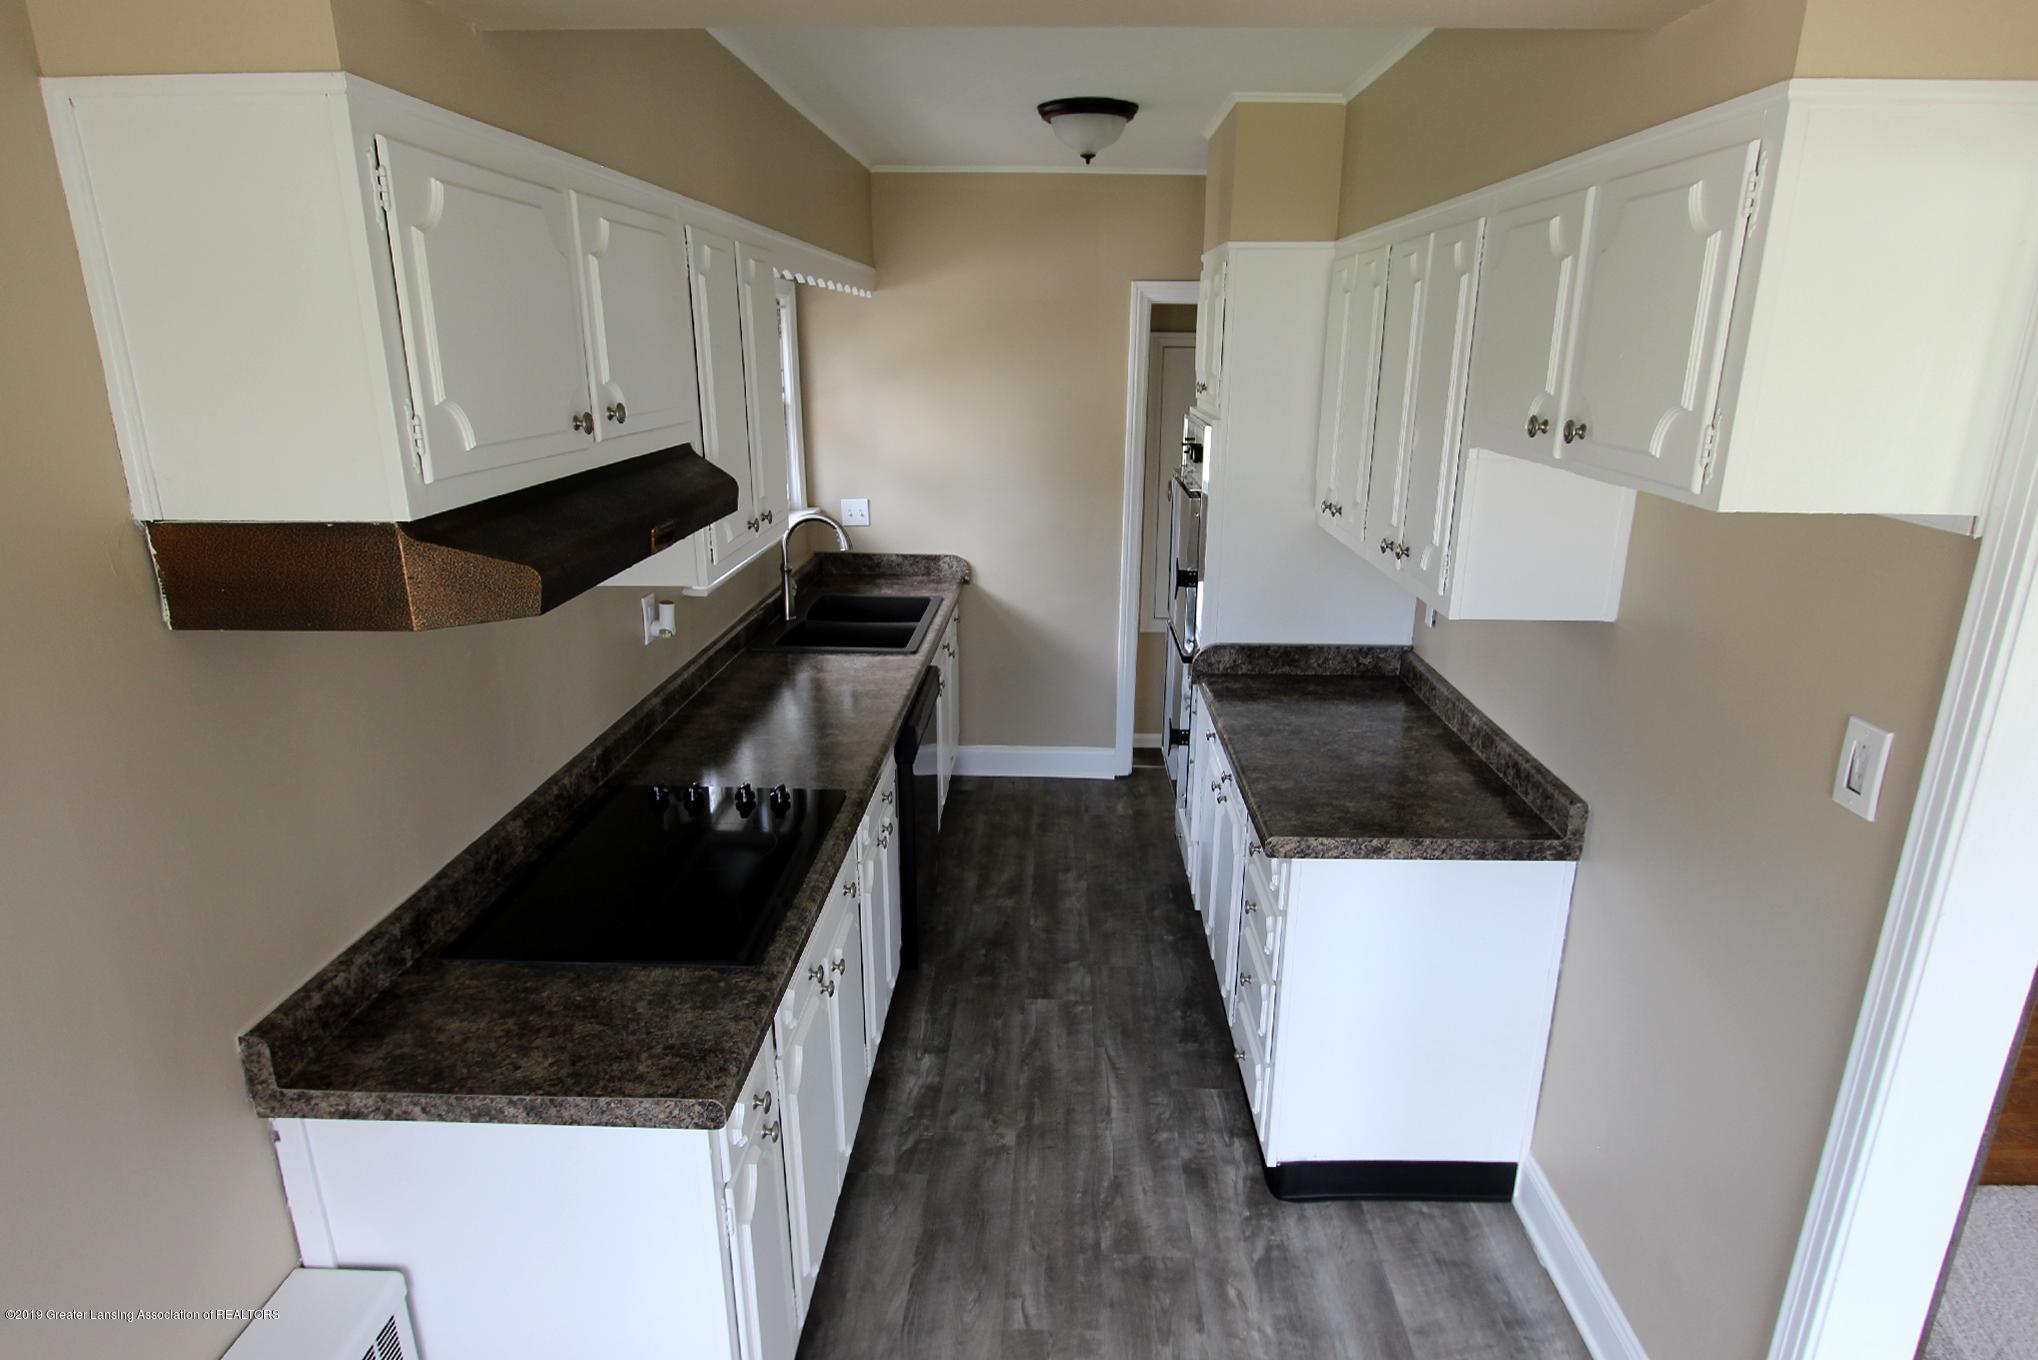 214 N Franklin St - 11 Kitchen 2 - 12